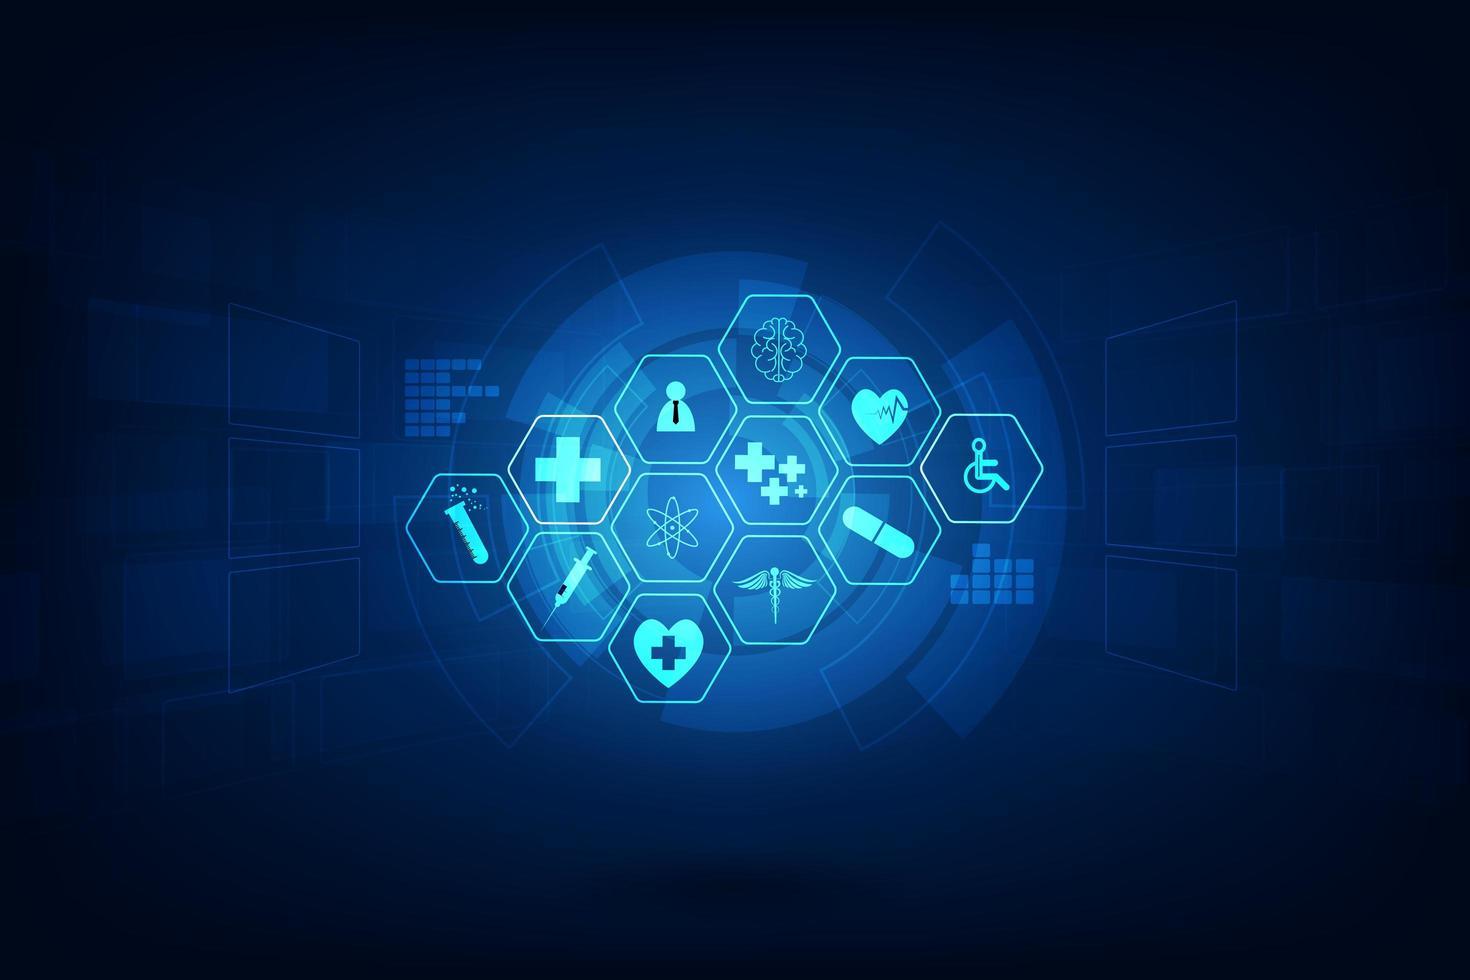 medizinische Ikonen auf abstraktem technischem Hintergrund vektor